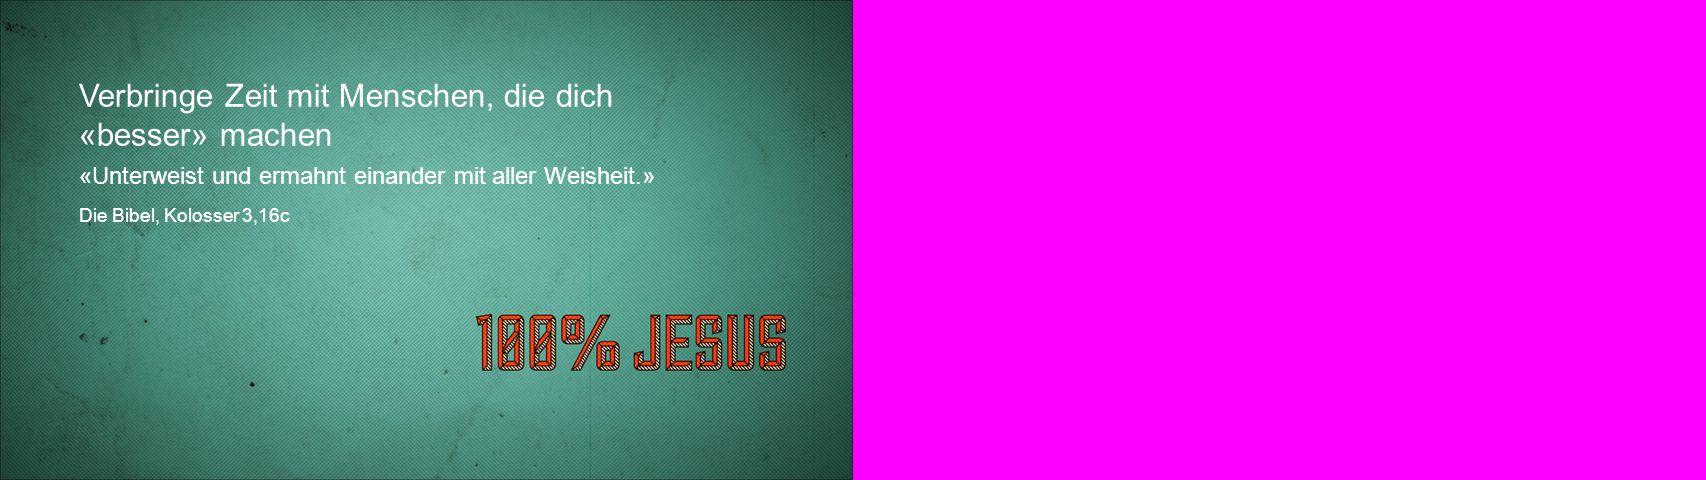 Verbringe Zeit mit Menschen, die dich «besser» machen «Unterweist und ermahnt einander mit aller Weisheit.» Die Bibel, Kolosser 3,16c